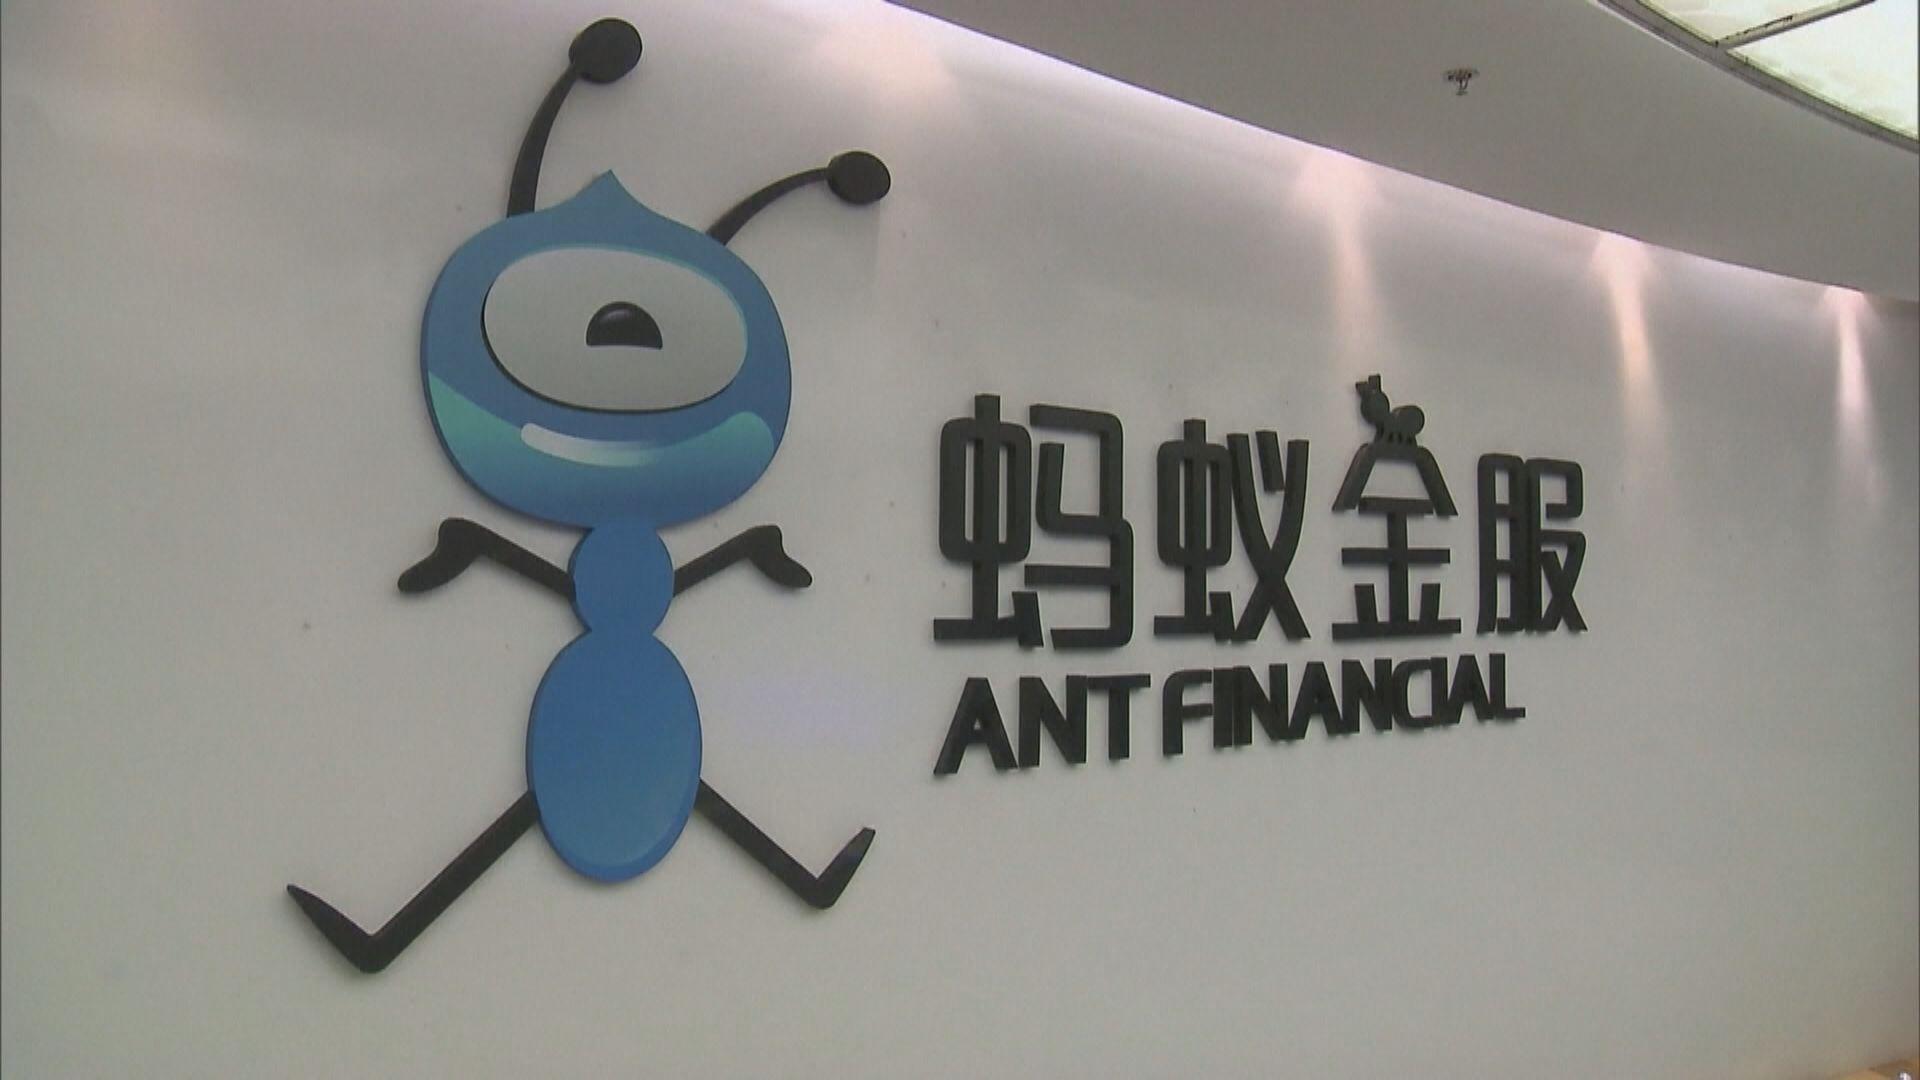 外電:螞蟻集團尋求下周上市聆訊獲批